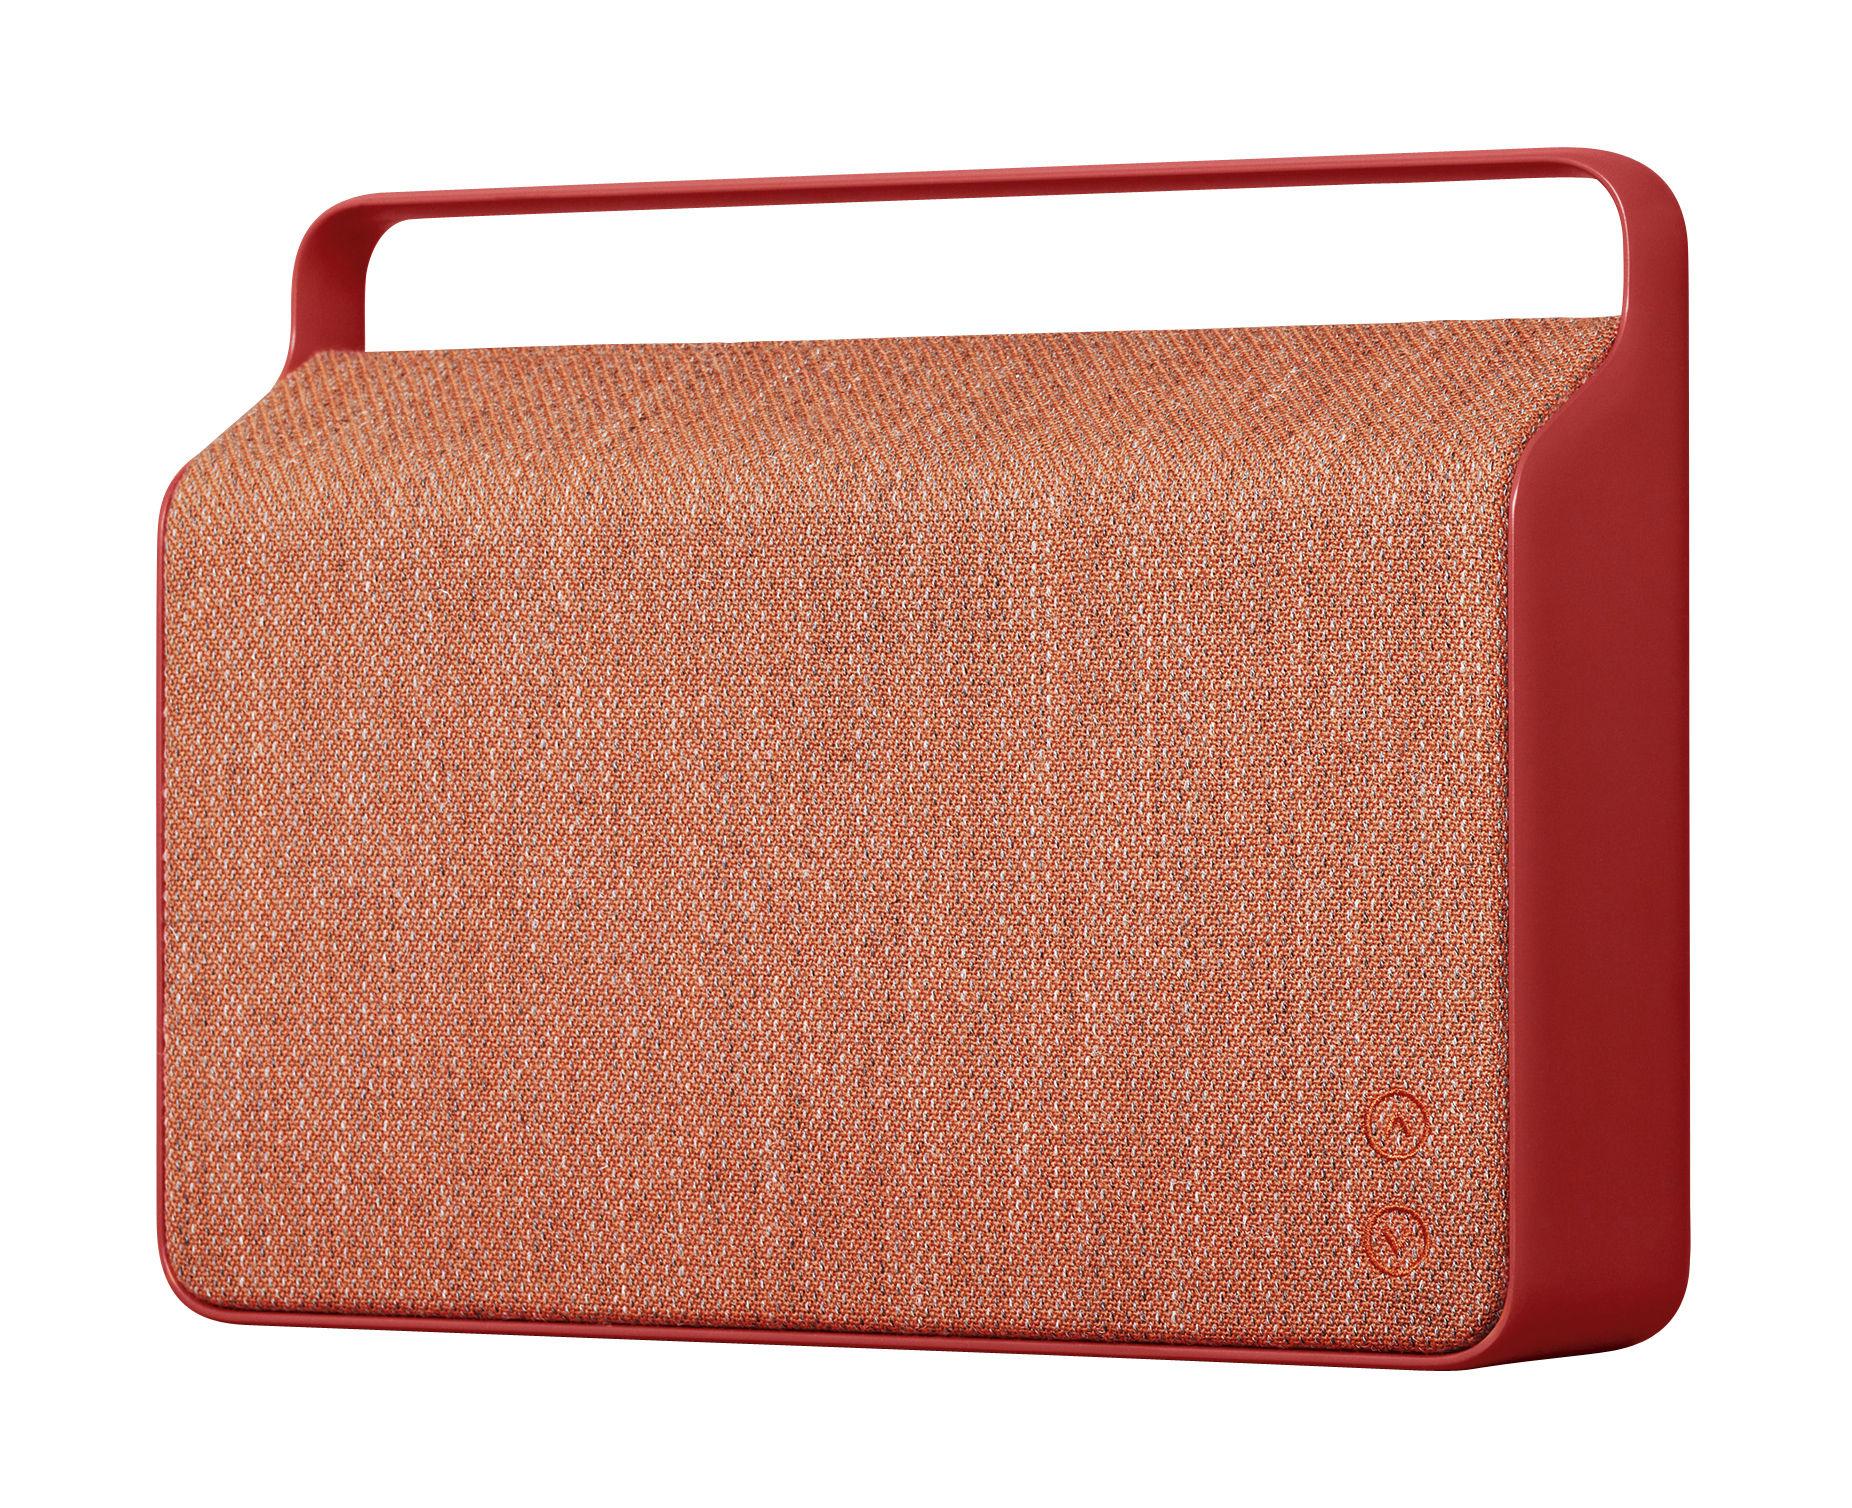 Accessori moda - Altoparlante & suono - Diffusore bluetooth Copenhague - / Senza fili - Tessuto & manico in alluminio di Vifa - Rosso - Alluminio, Tessuto Kvadrat